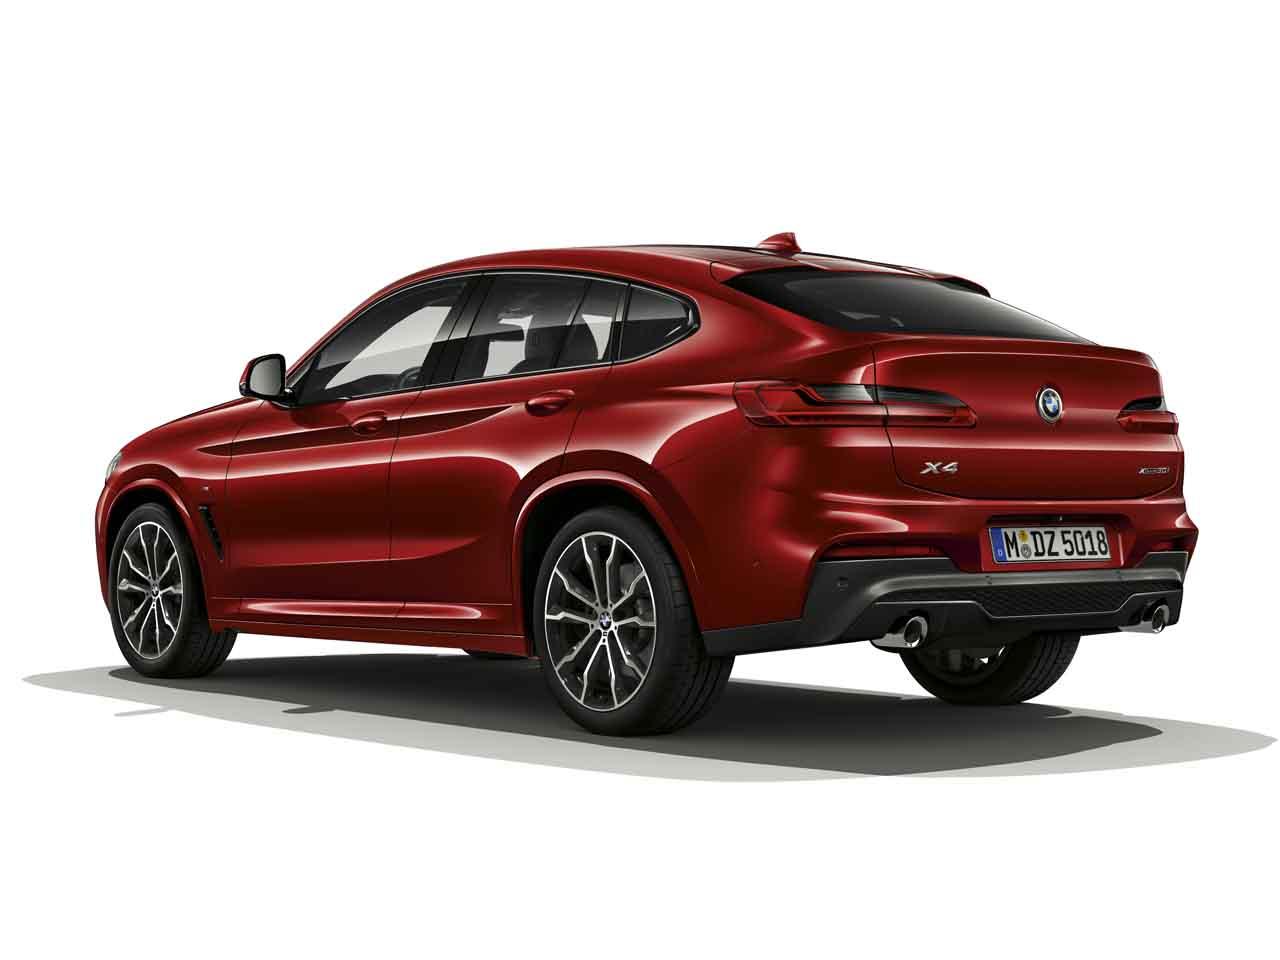 BMW X4 xDrive20d Sportpaket HiFi Xenon RFK RTTI AHK